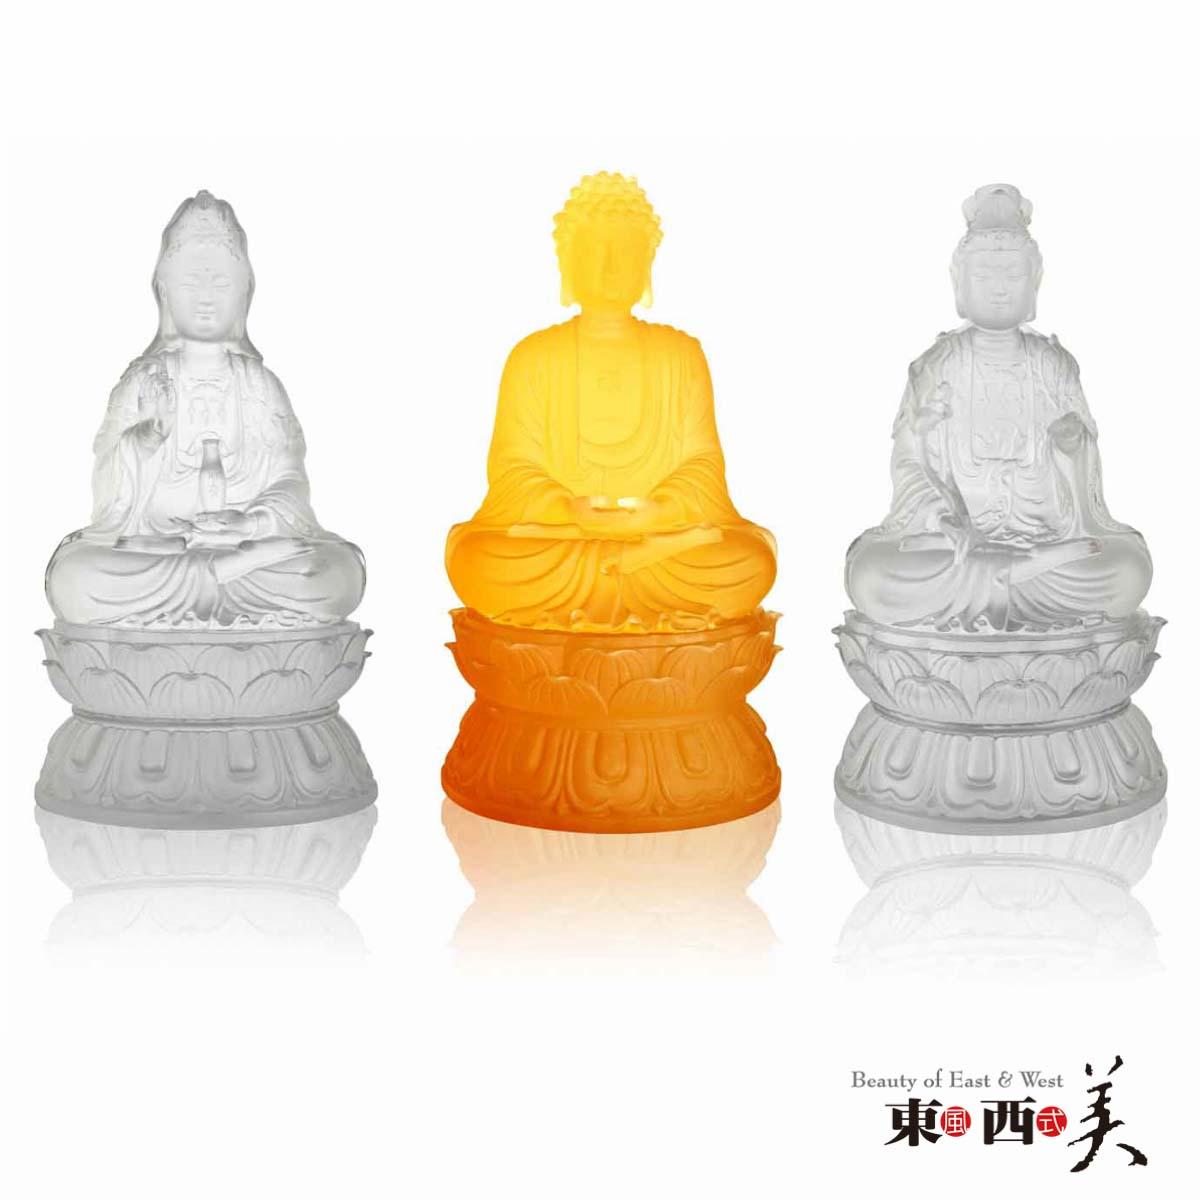 琉璃药师佛像